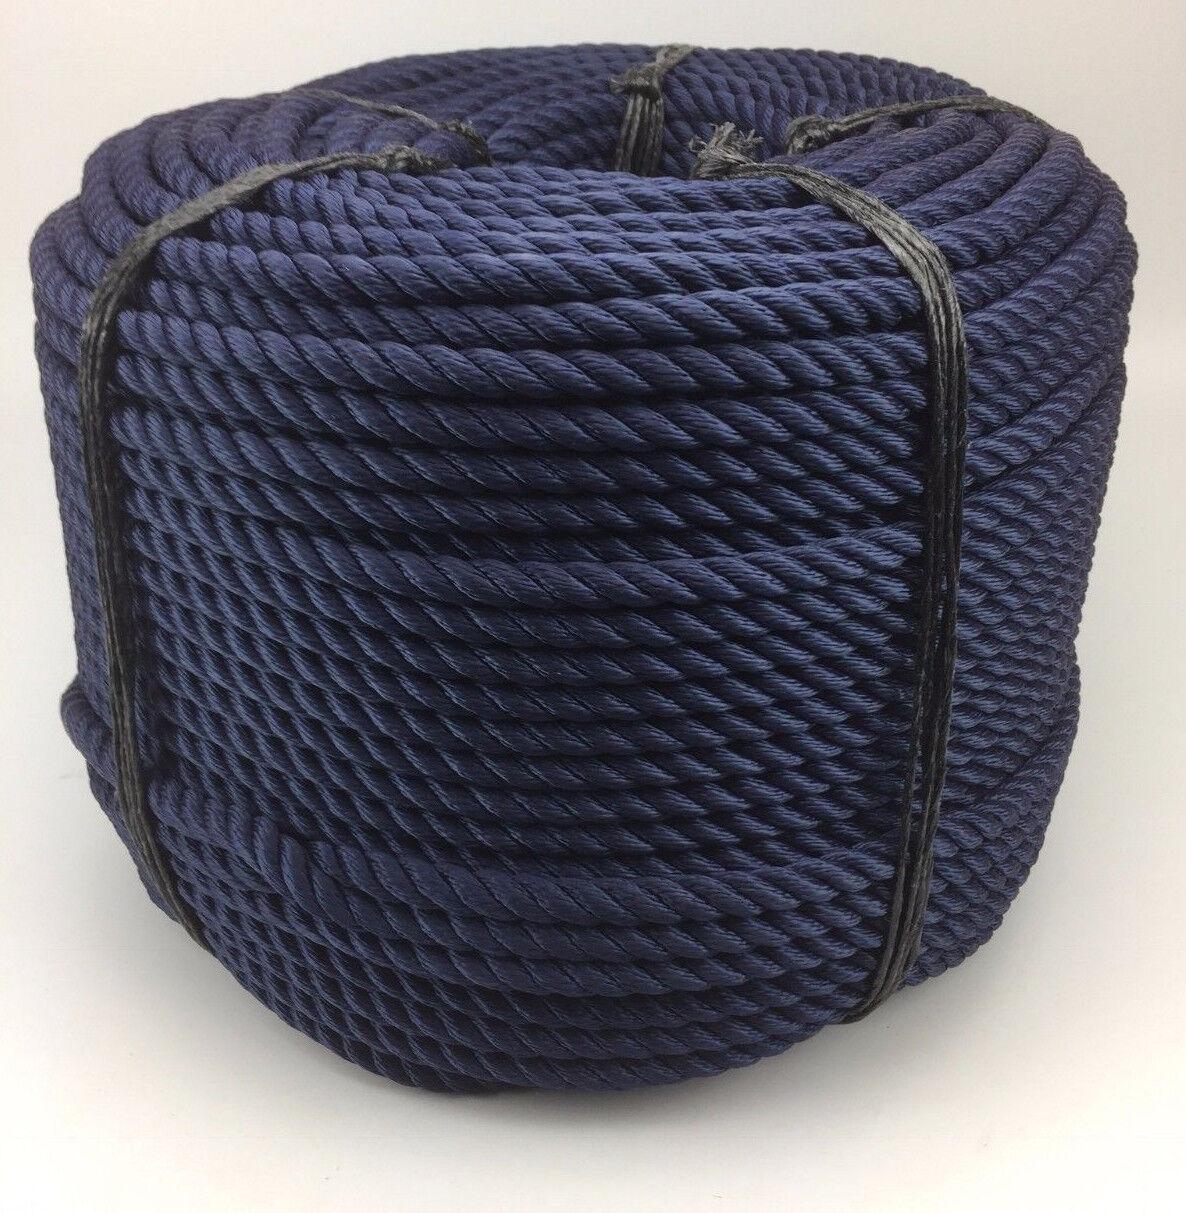 16MM FILO MORBIDO corda x 220 metri serpentina, blu scuro, YACHT, vela, barche,